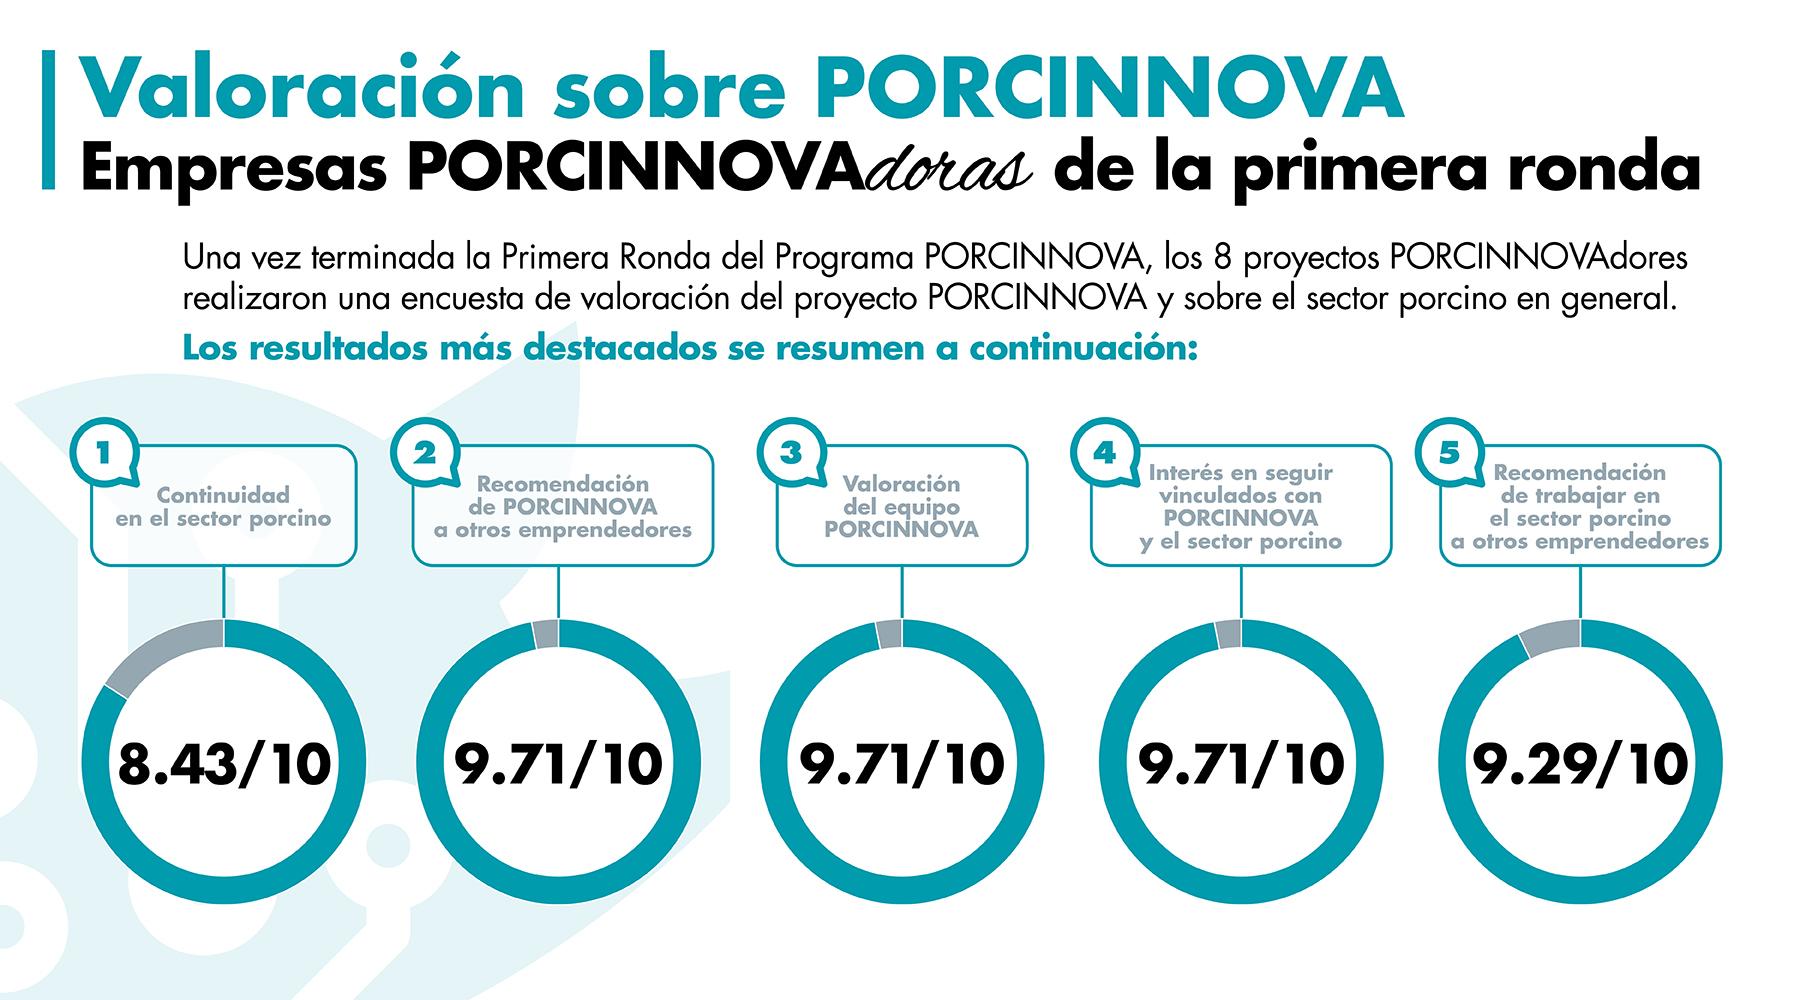 Los 8 primeros proyectos PORCINNOVAdores valoran su experiencia en Porcinnova